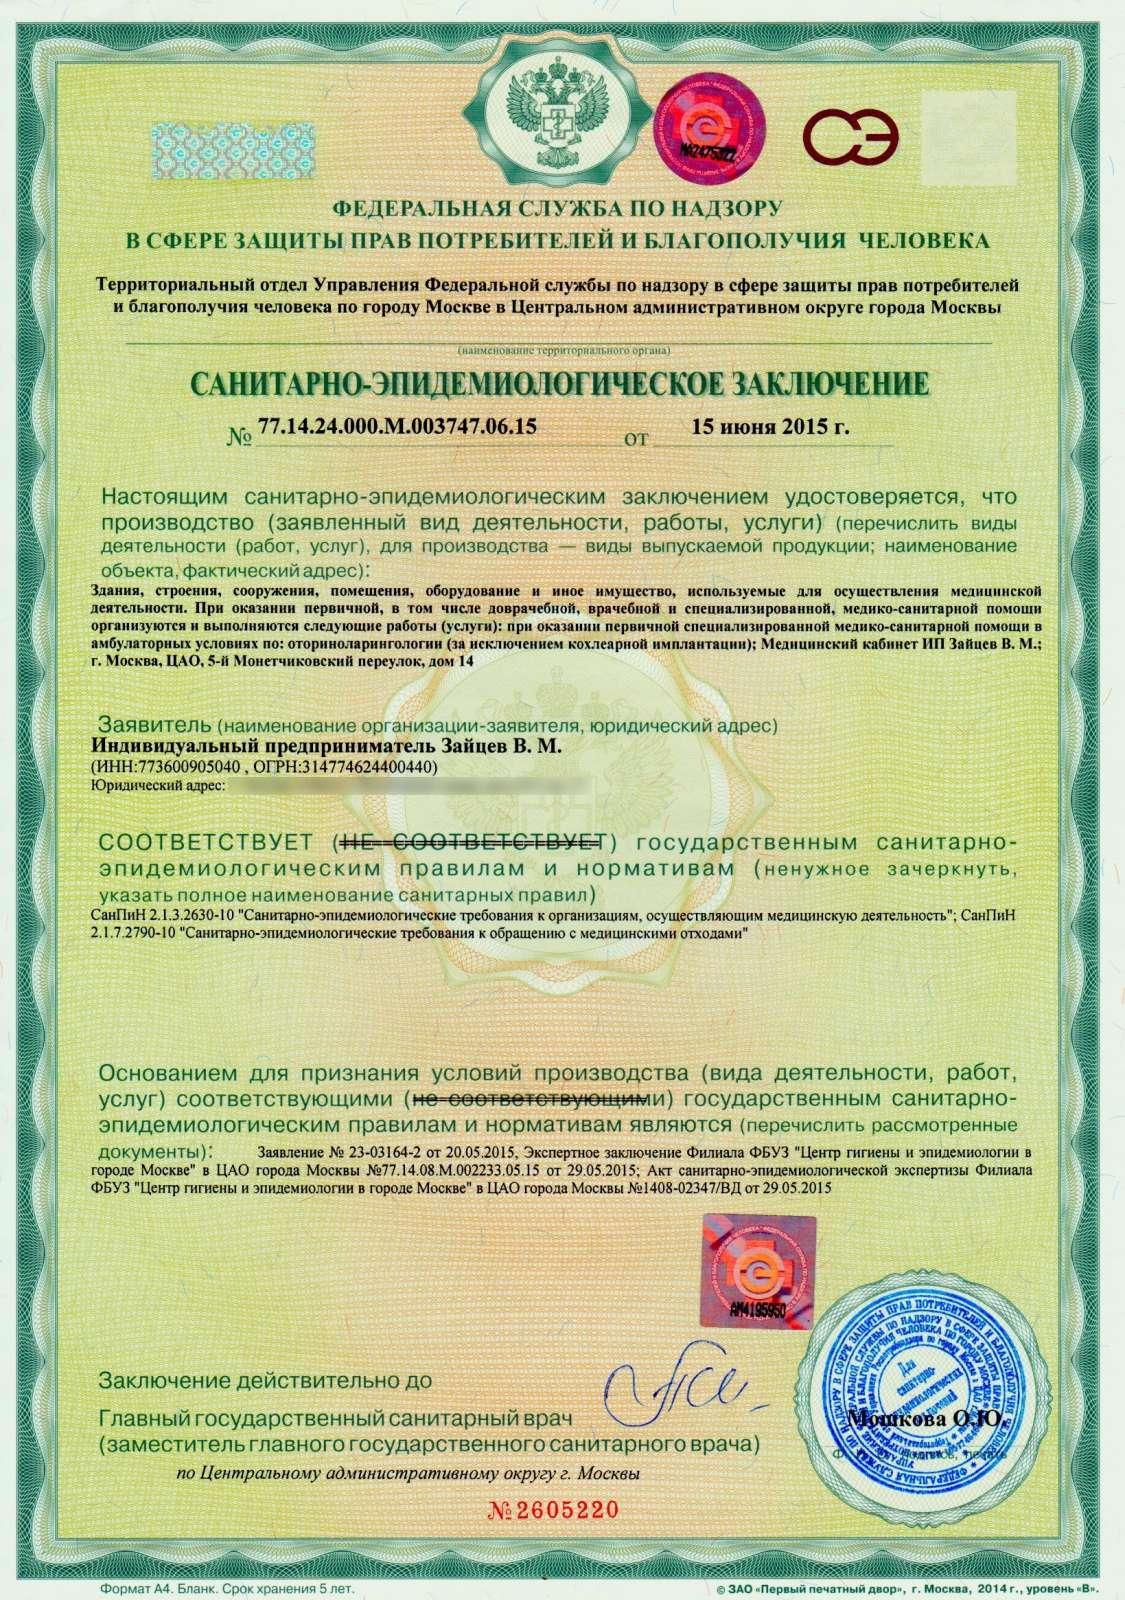 Санитарно-эпидемиологическое заключение (называемое еще как сэз, гигиенический сертификат, гигиеническое заключение)